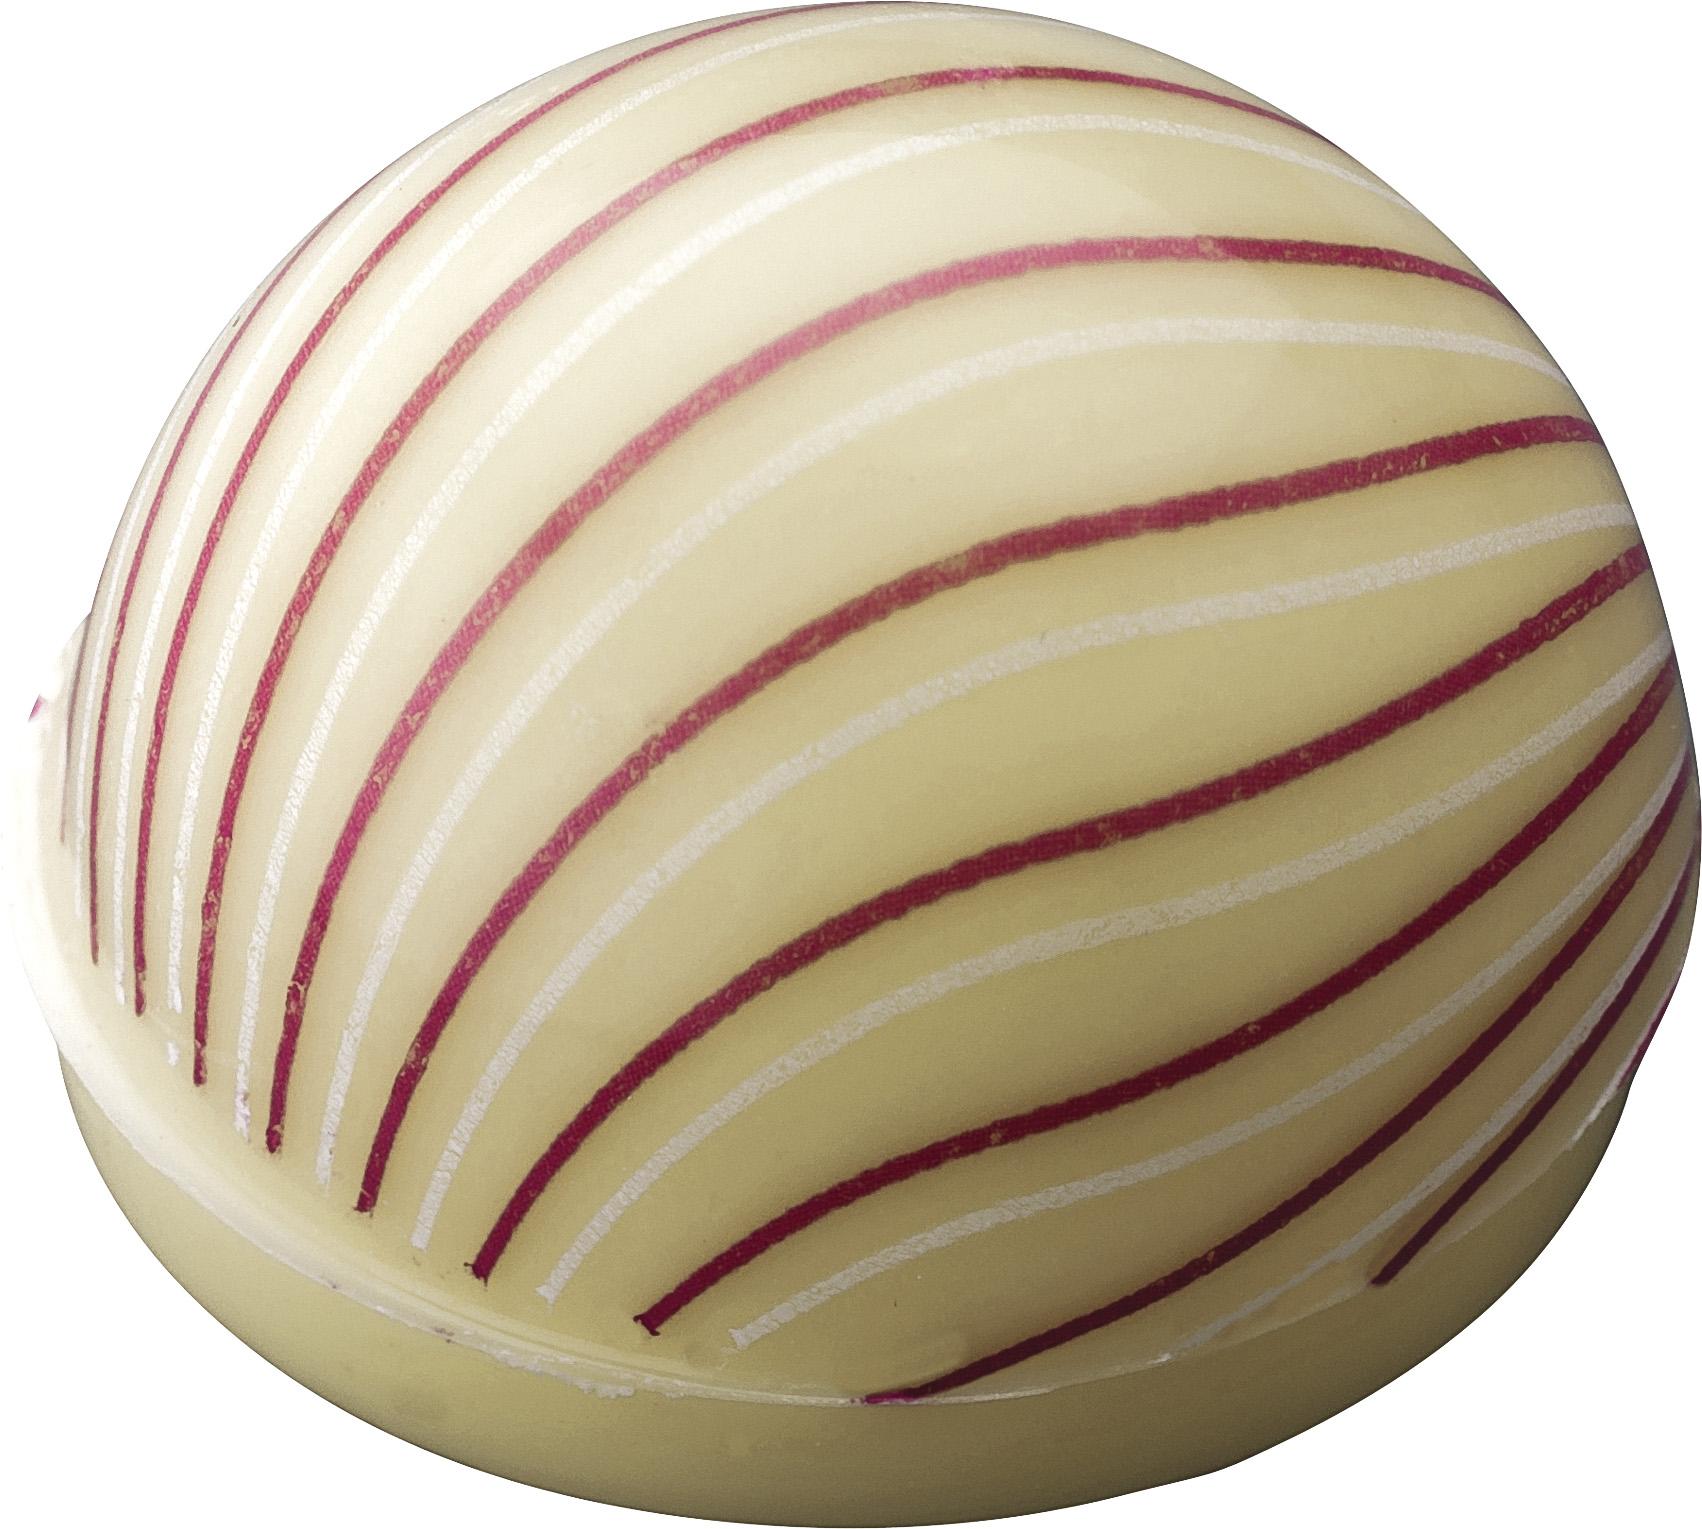 Pralinen Hohlkörper Kuppel mit Dekor Linien | Weiße Schokolade